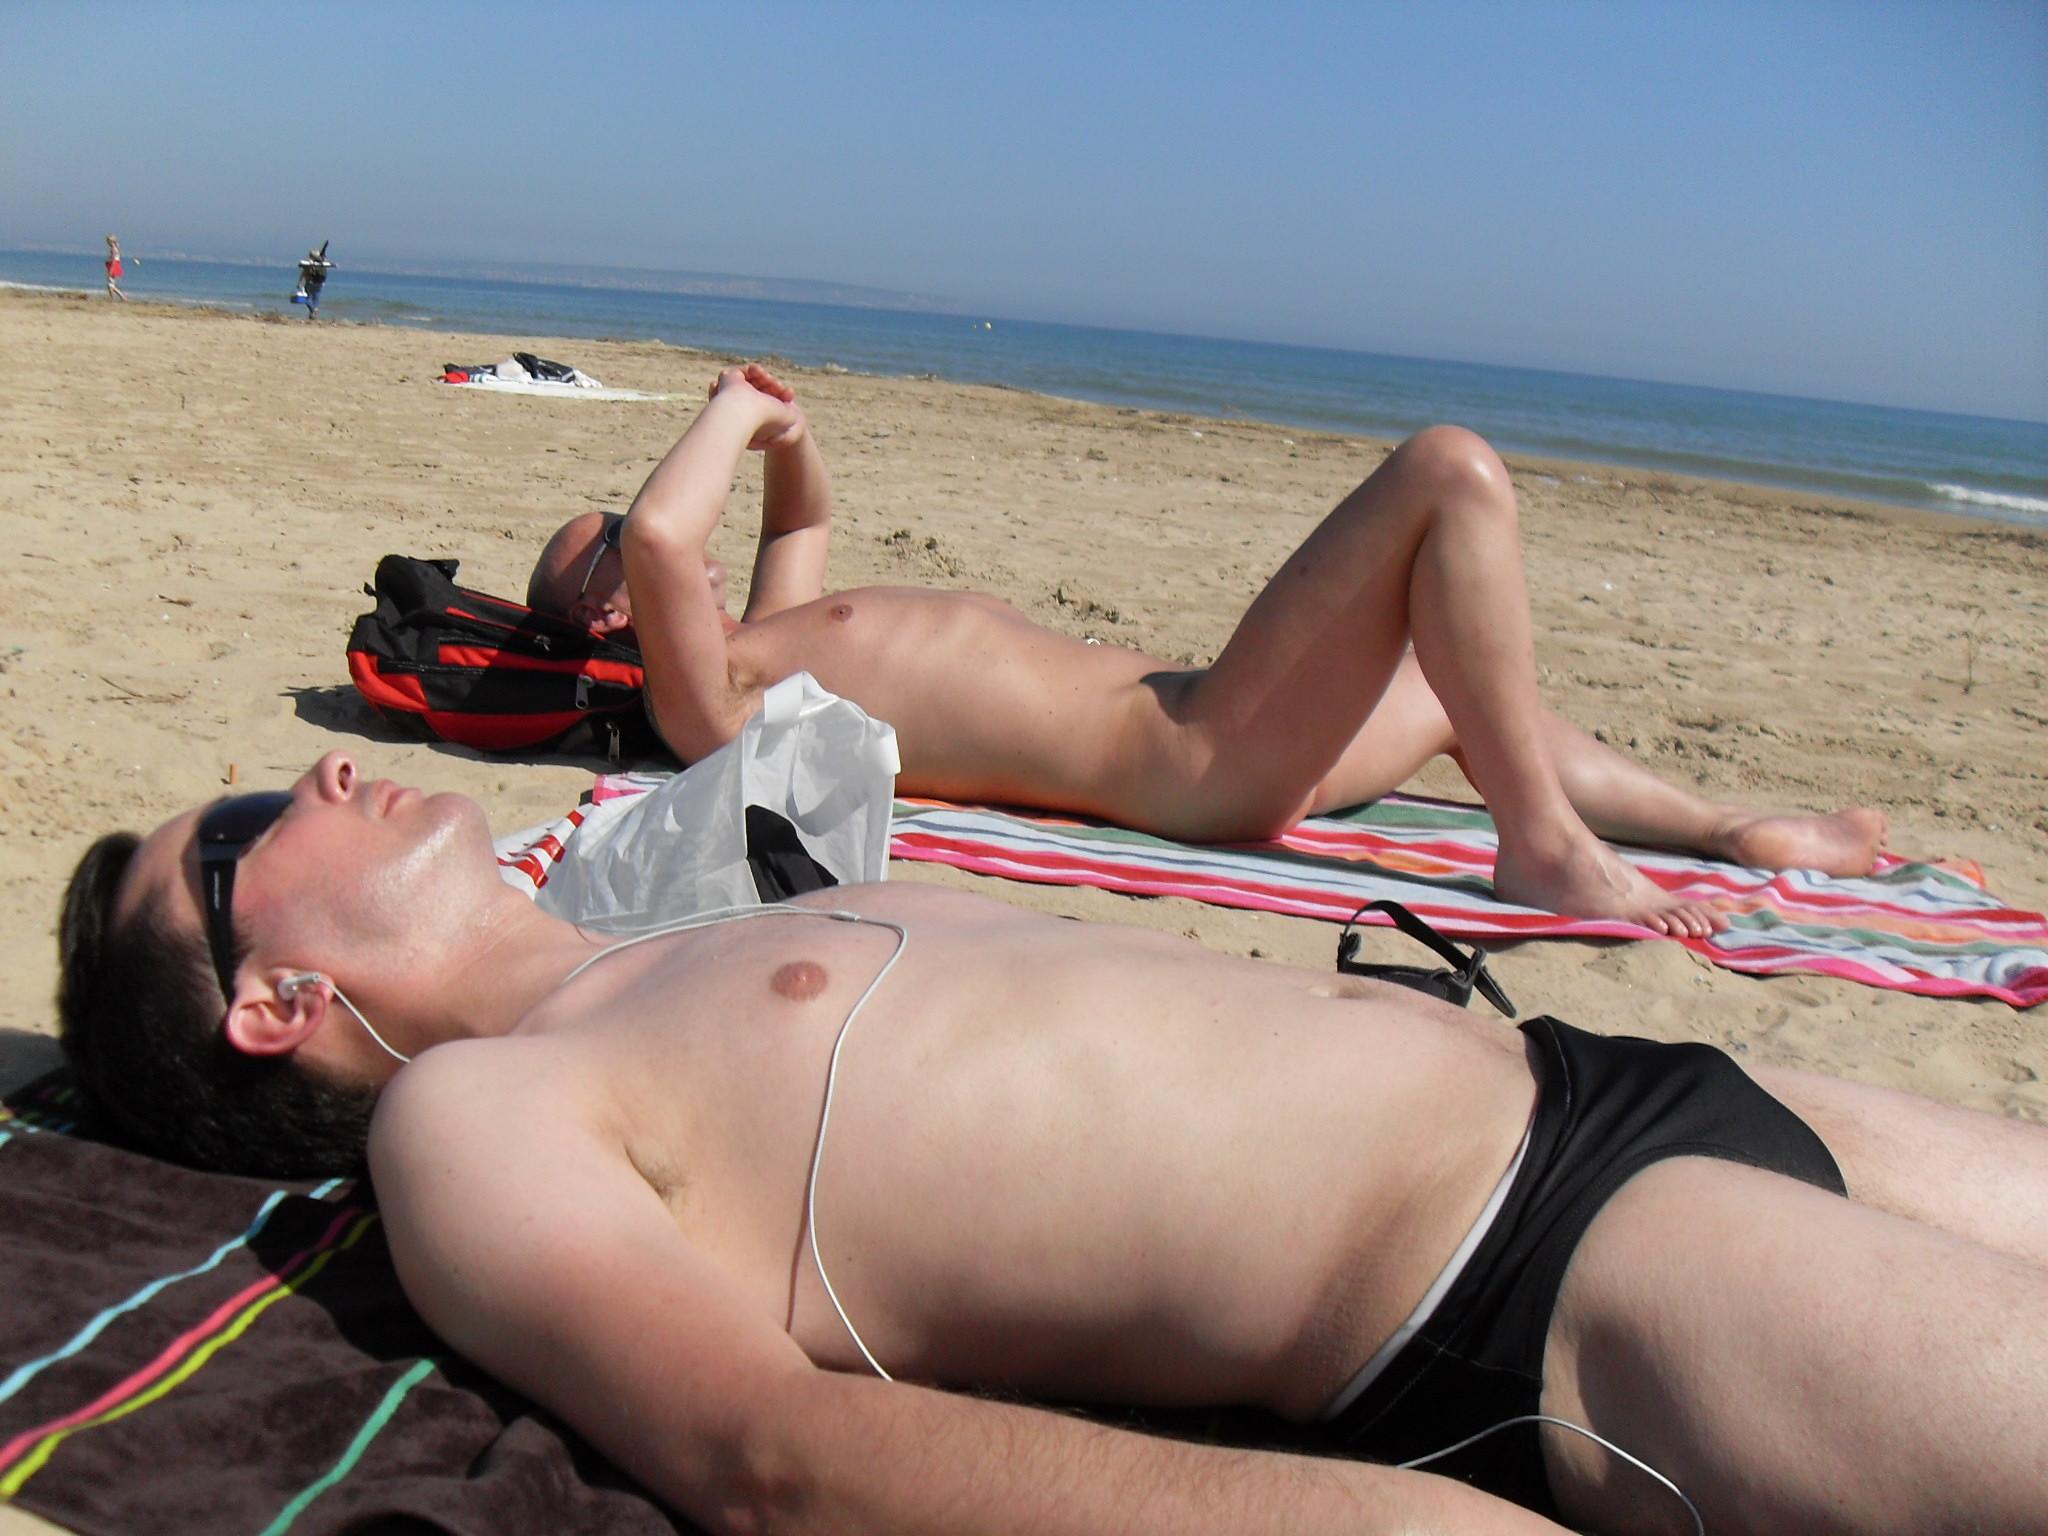 homoseksuel massage herrer sex dansk but